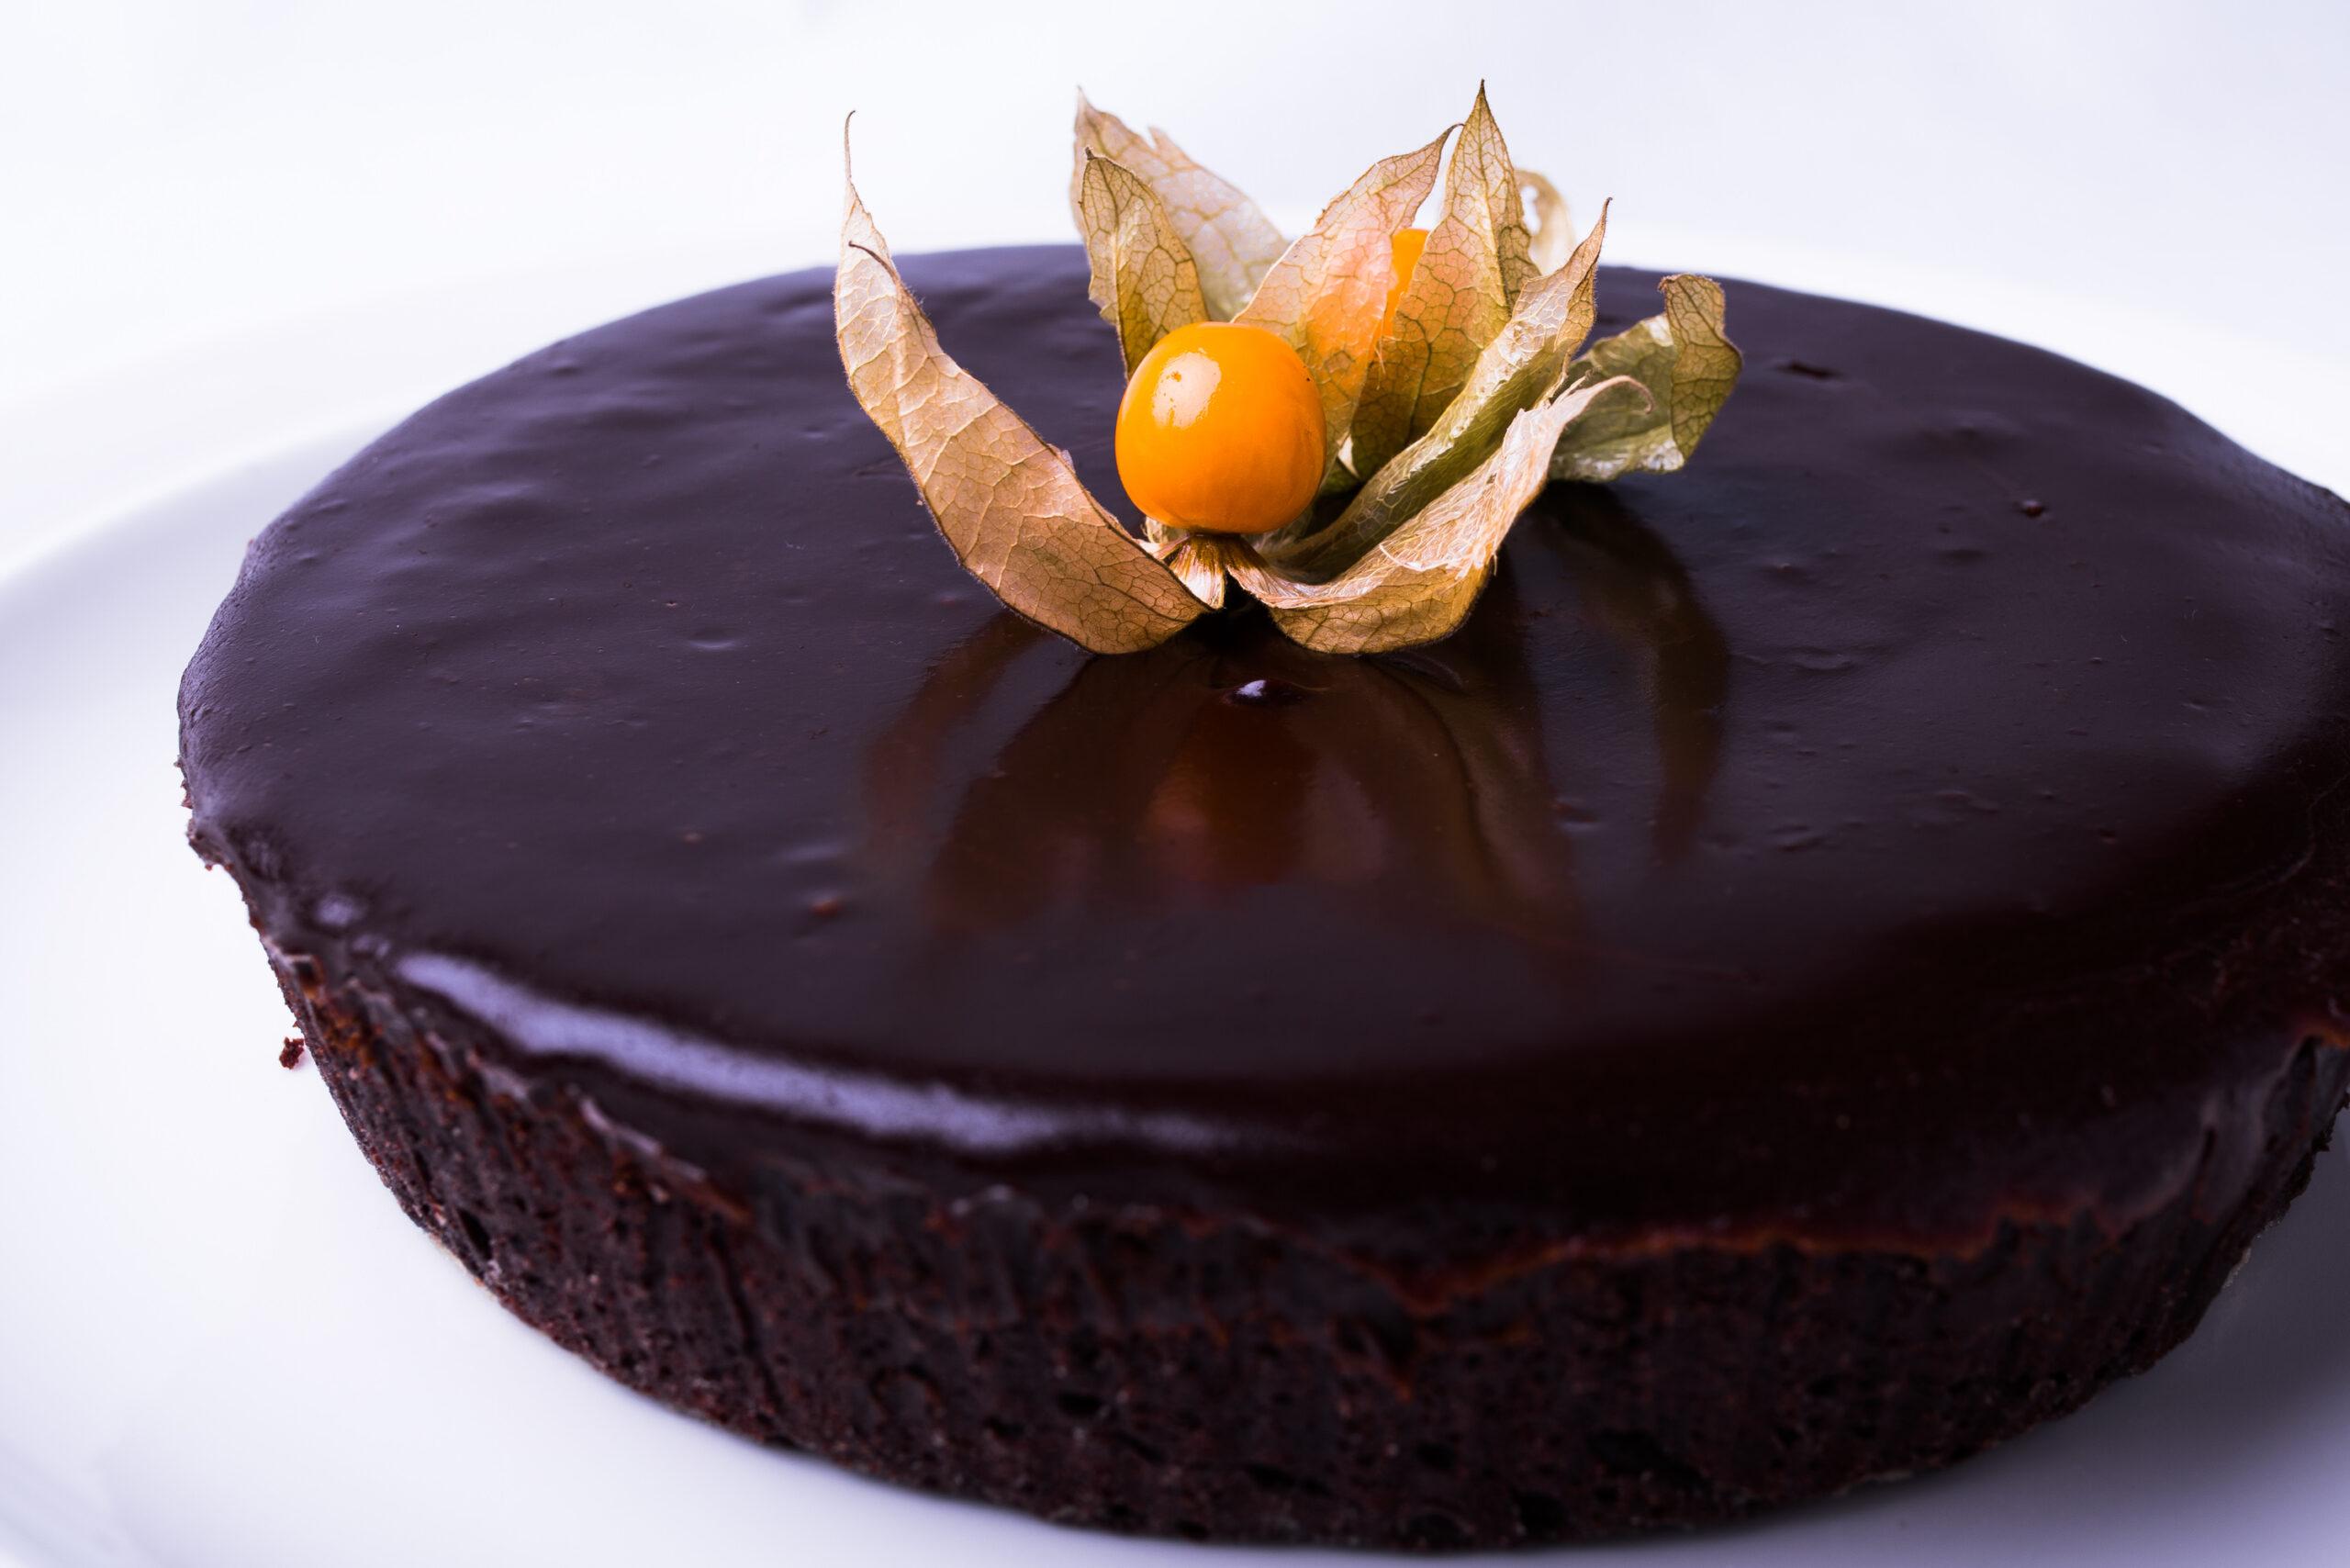 Chokladtårta. Den vågade jag inte ta en bit av, för snygg helt enkelt!